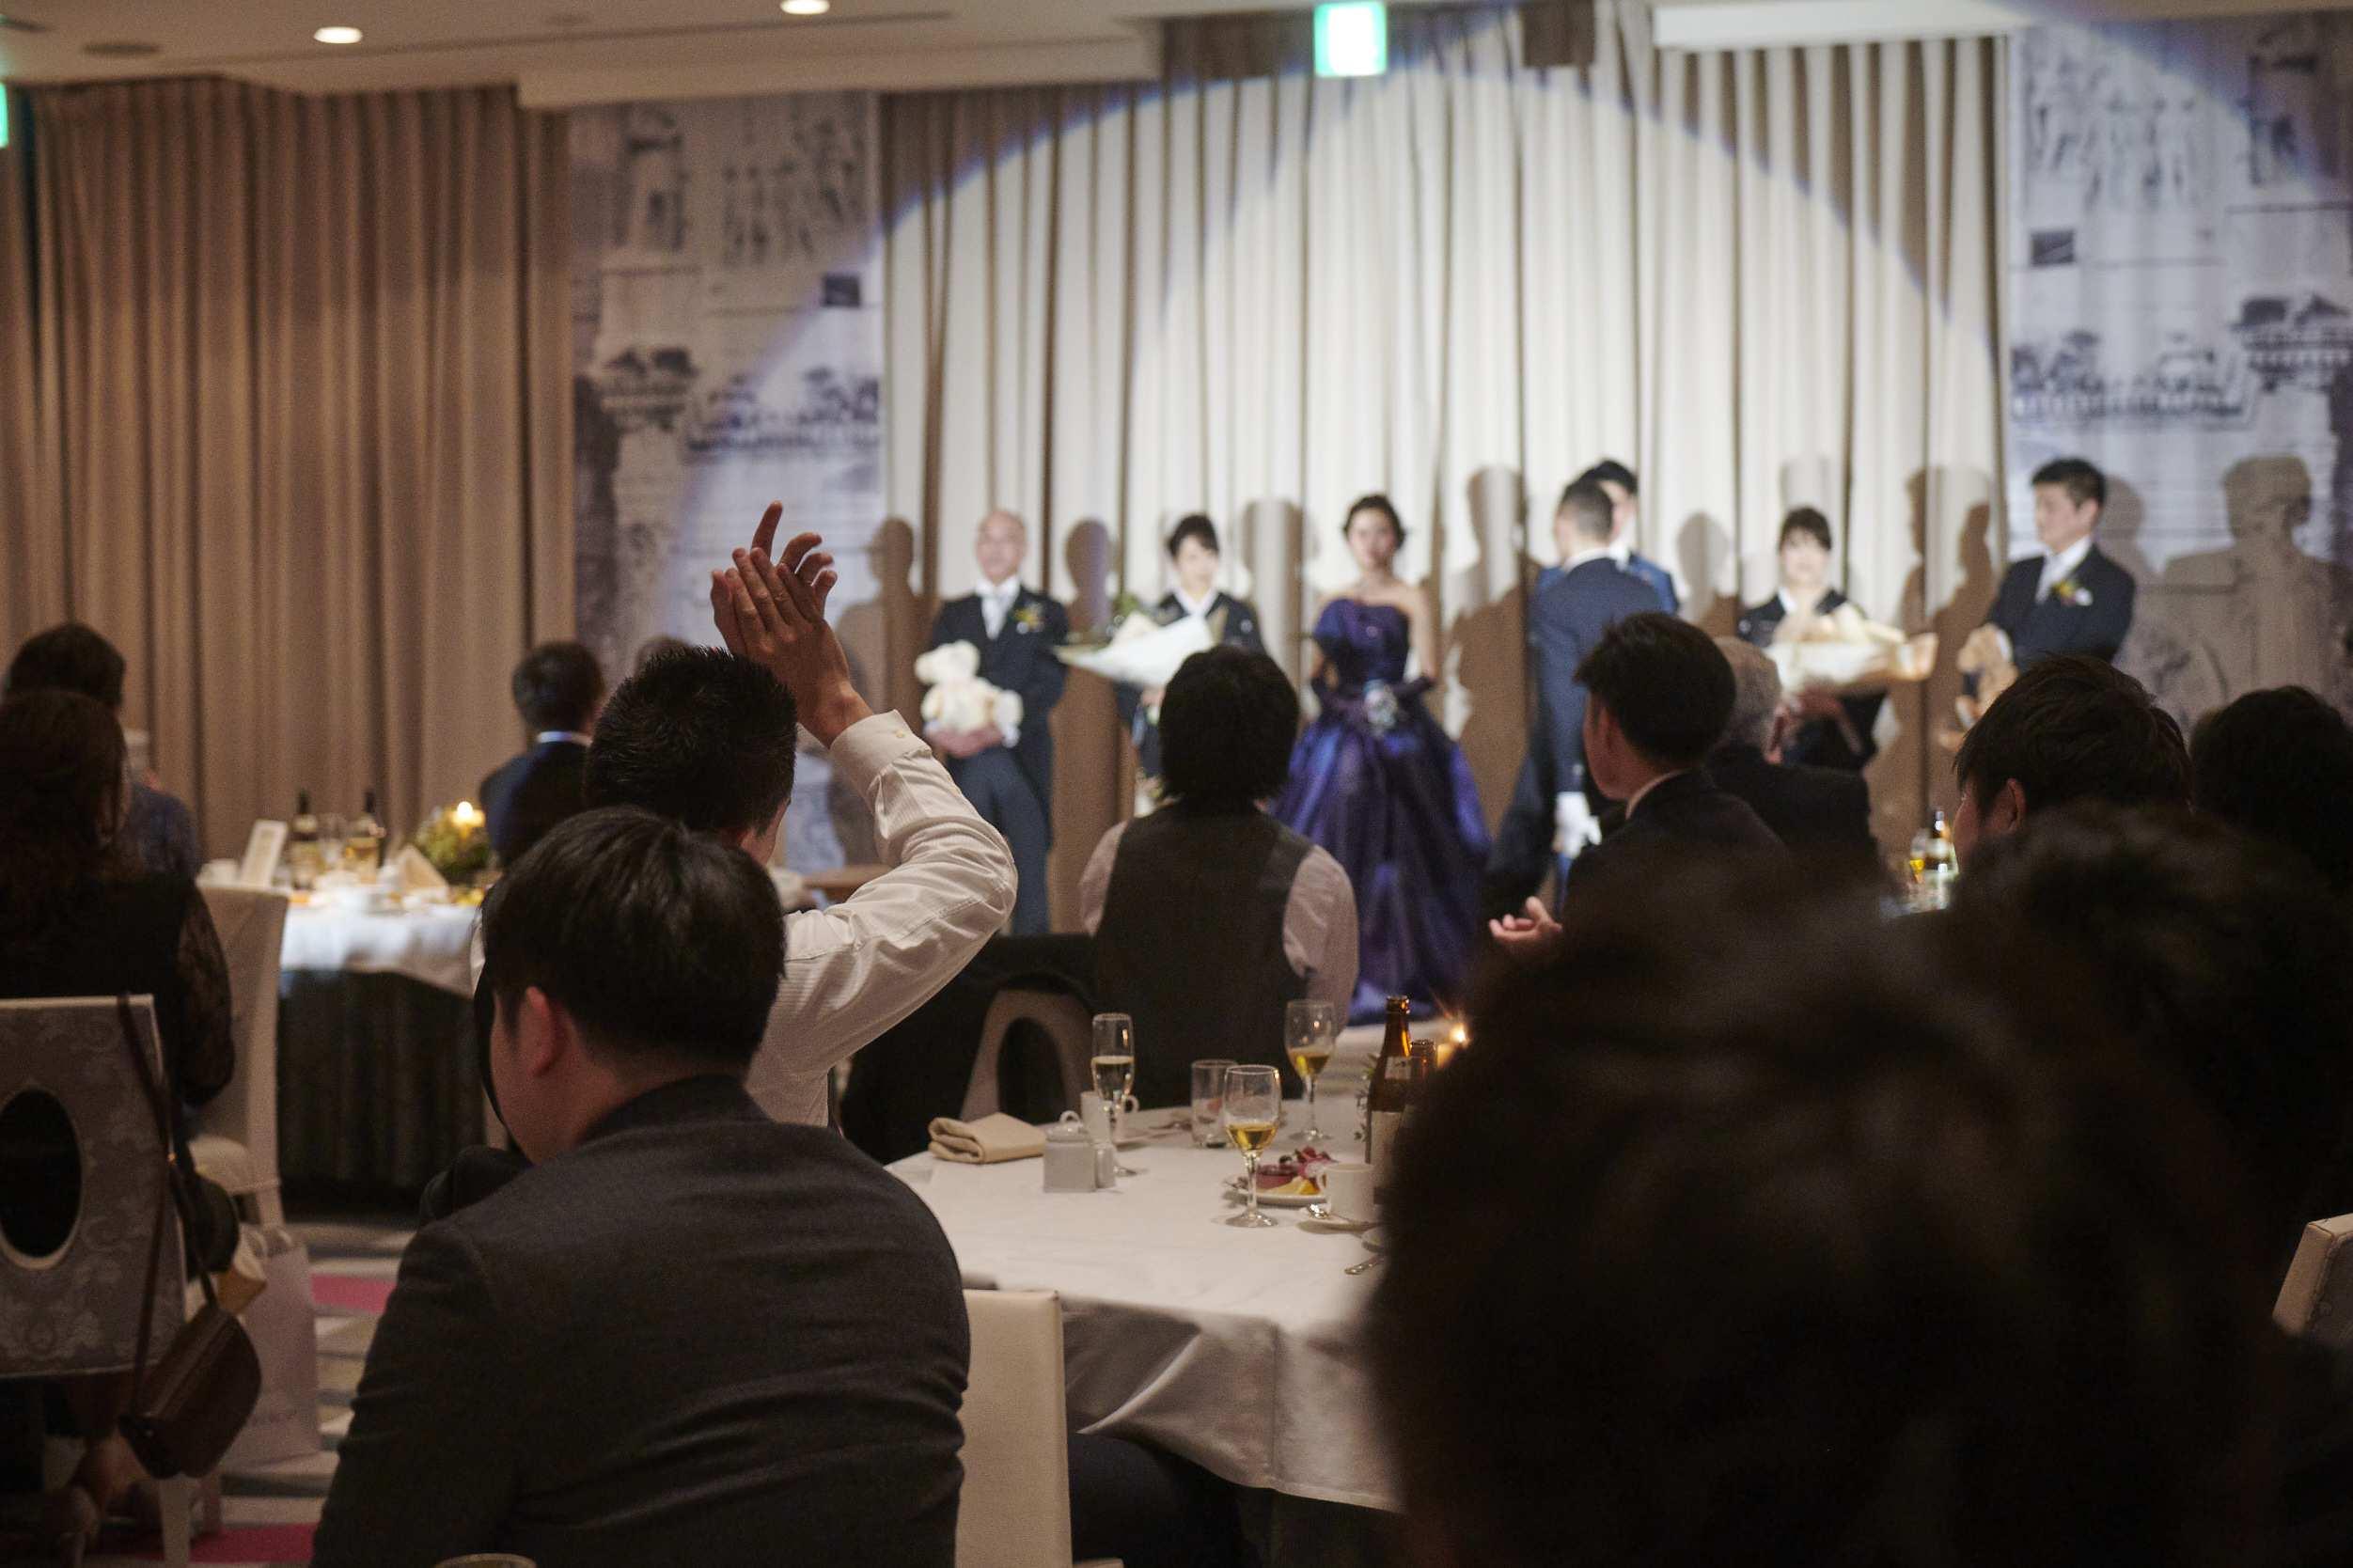 徳島市の結婚式場ブランアンジュでゲスト様への謝辞に拍手